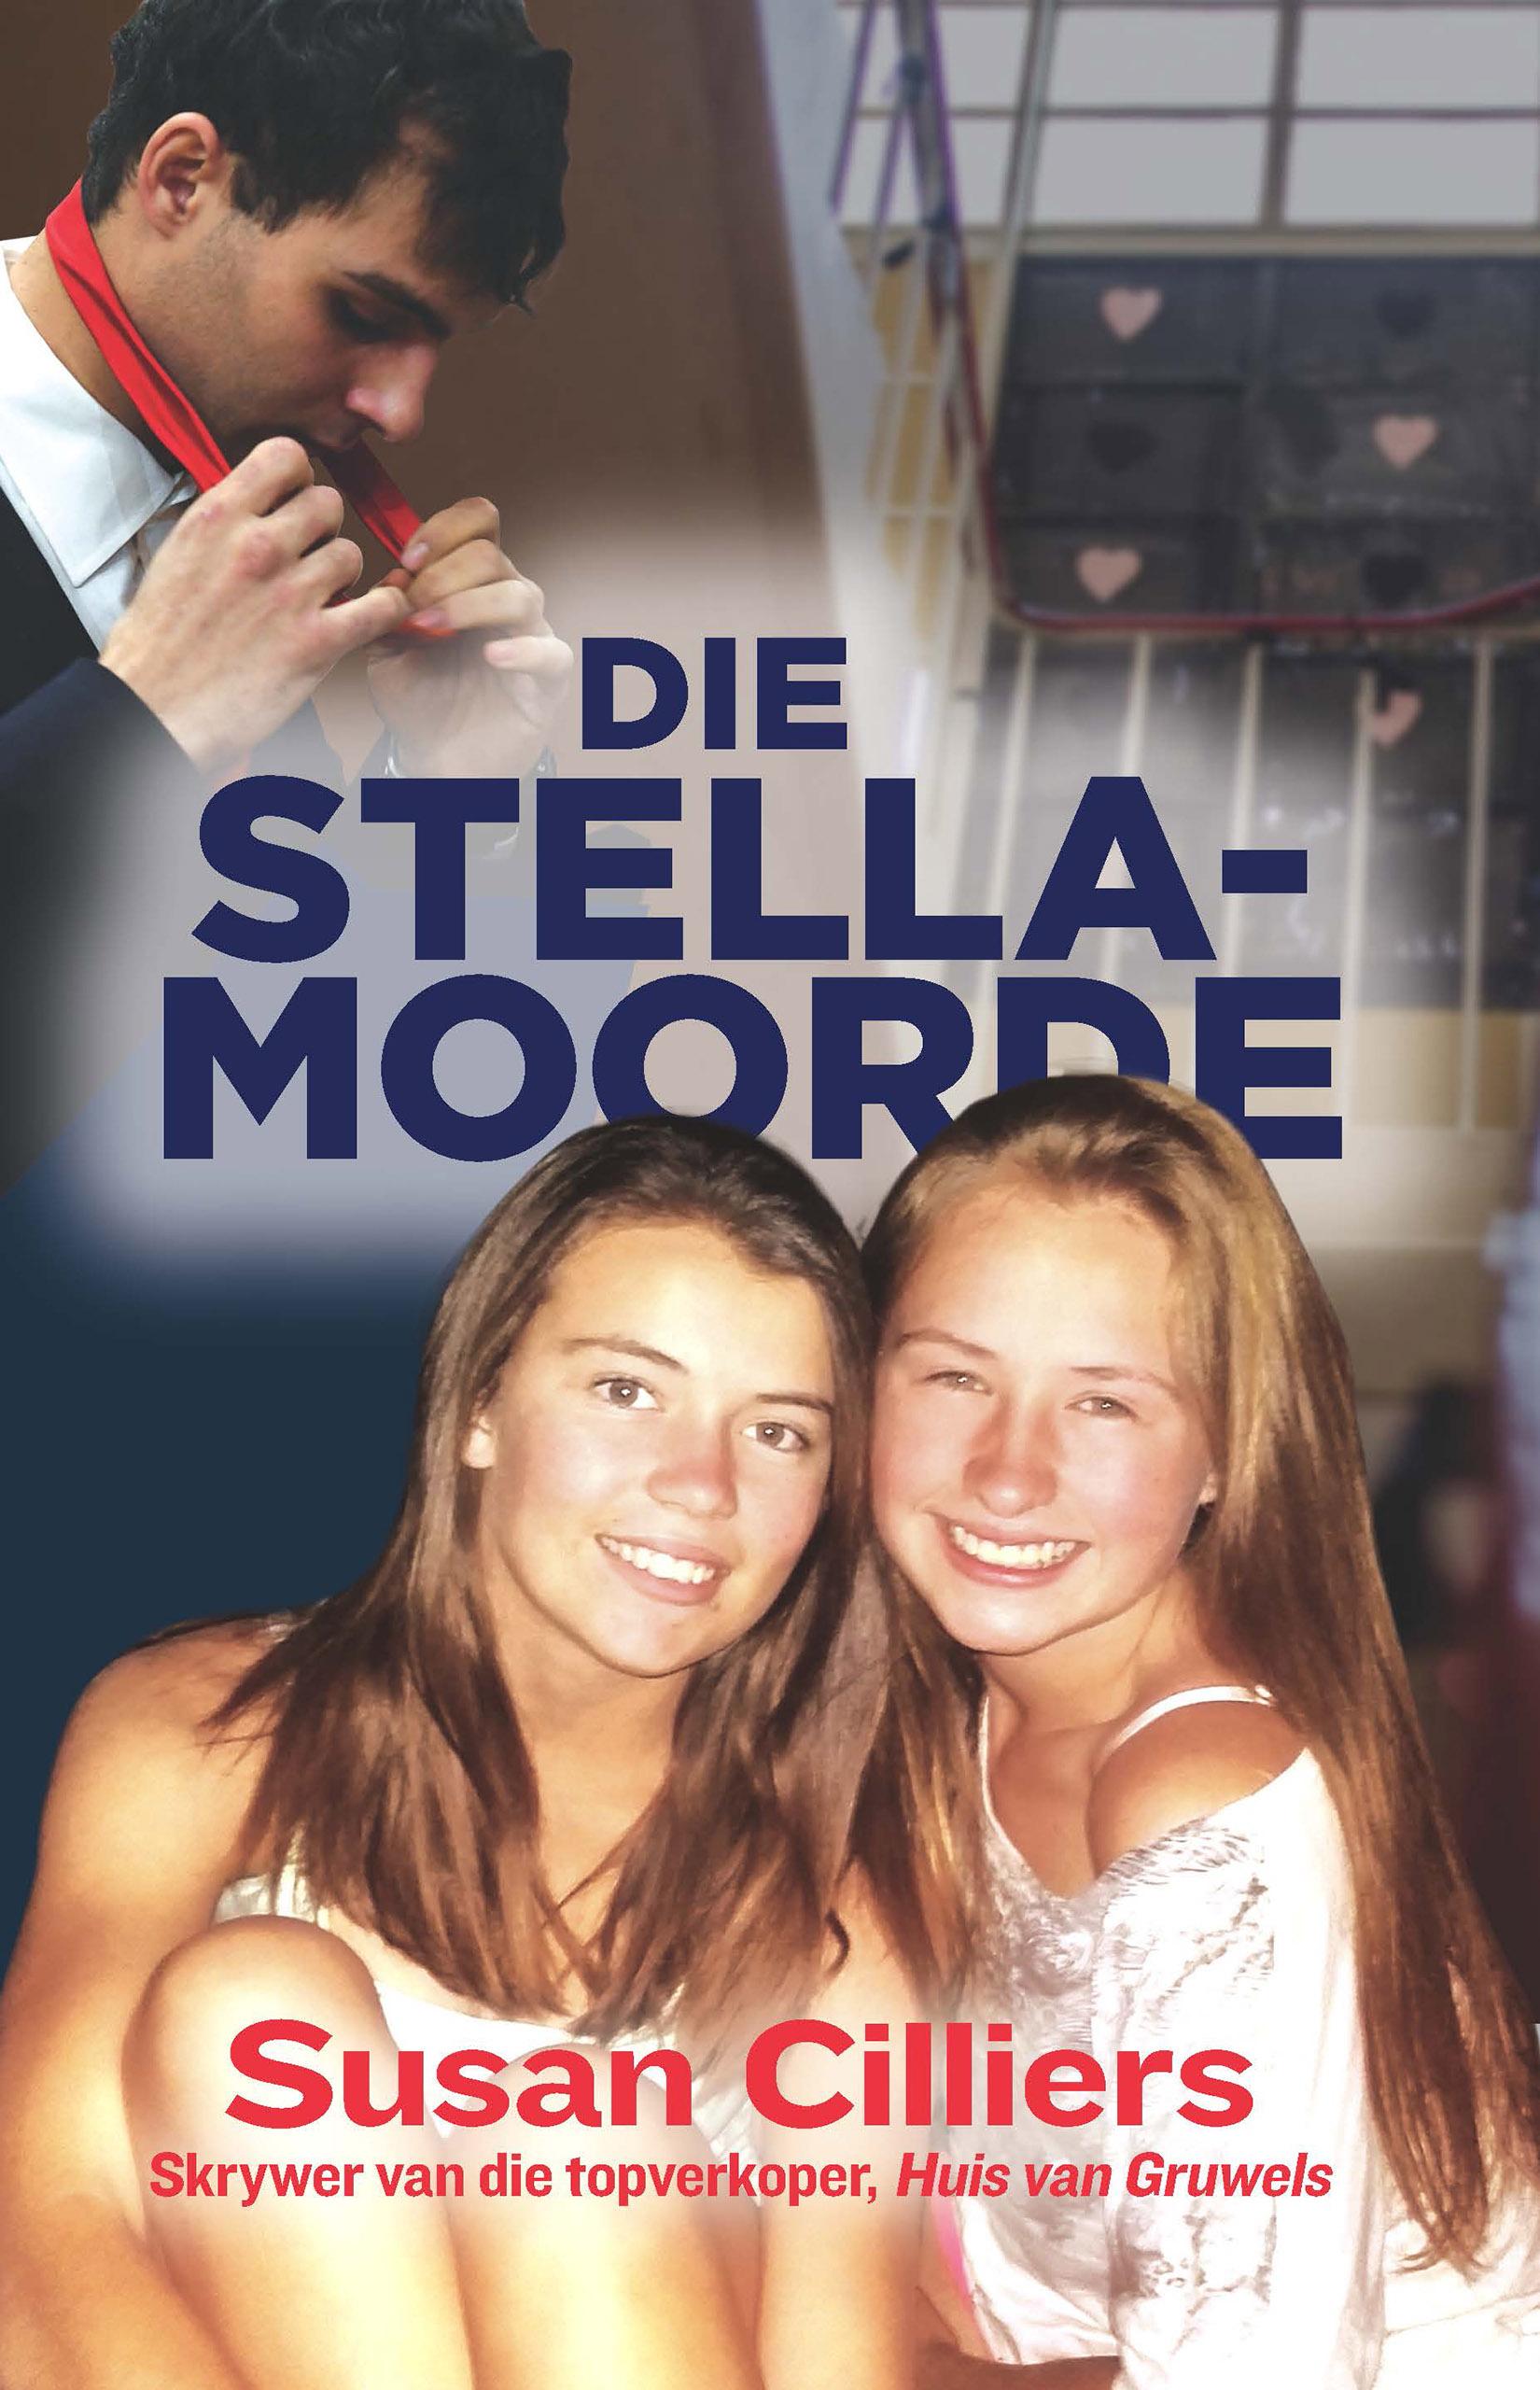 Die Stella-Moorde